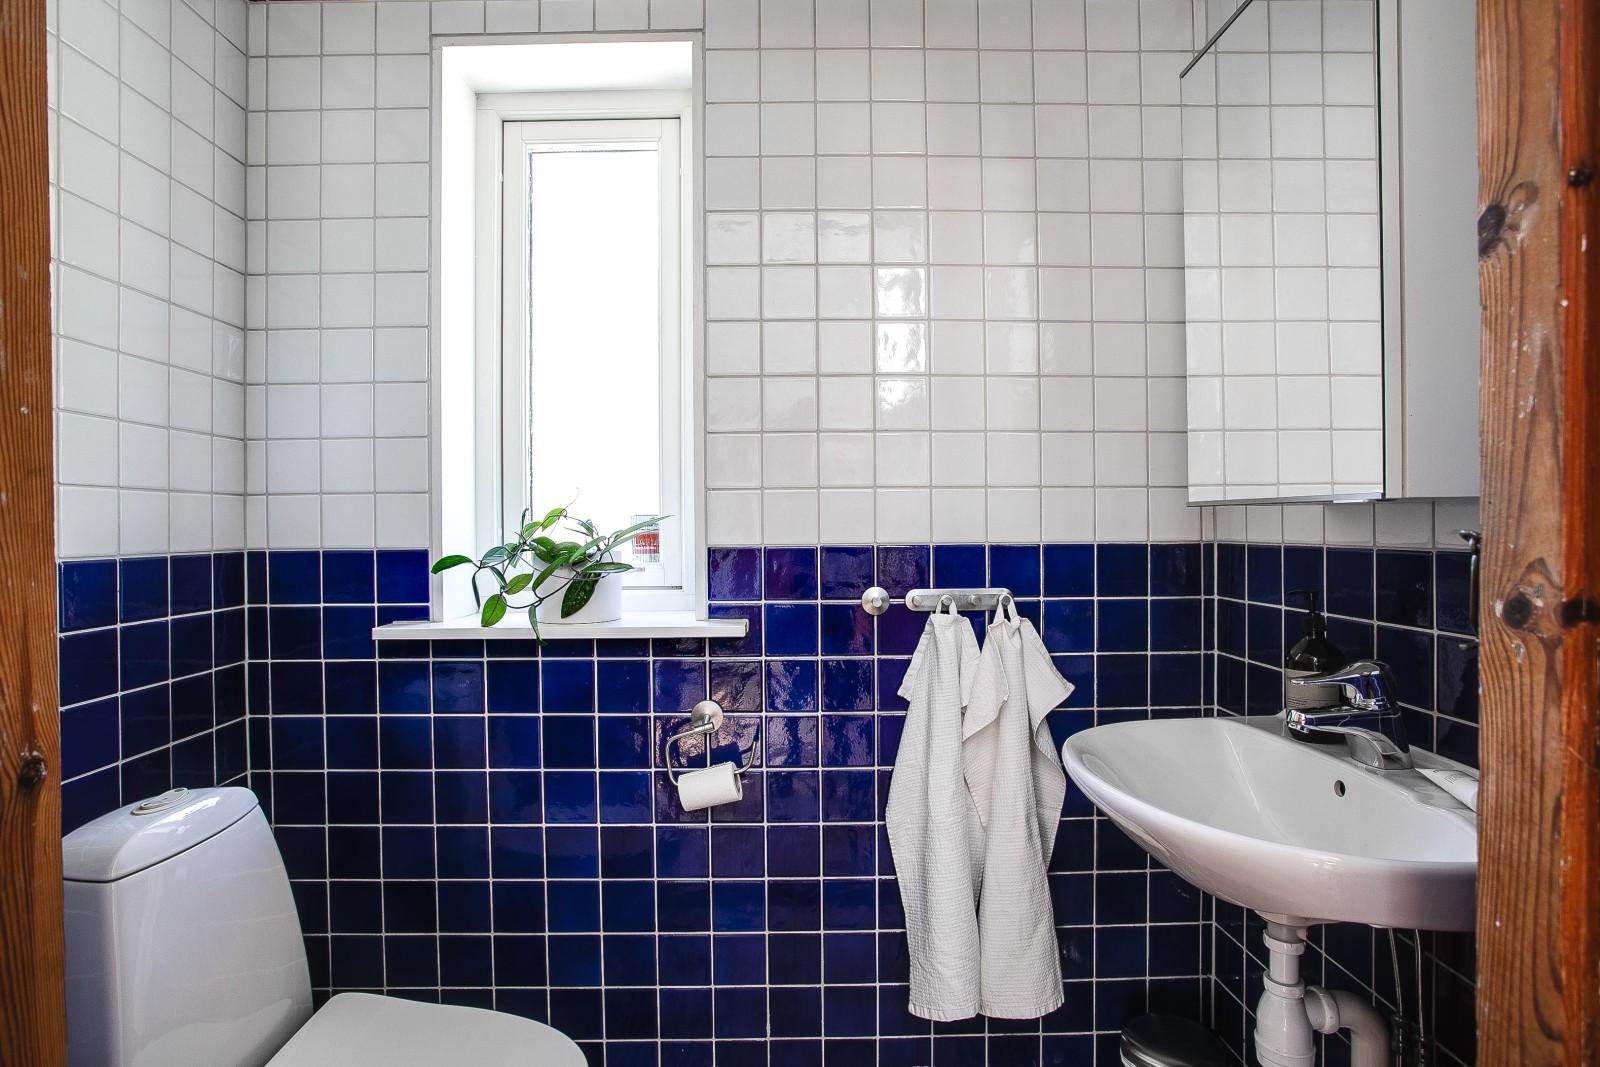 Toalett..